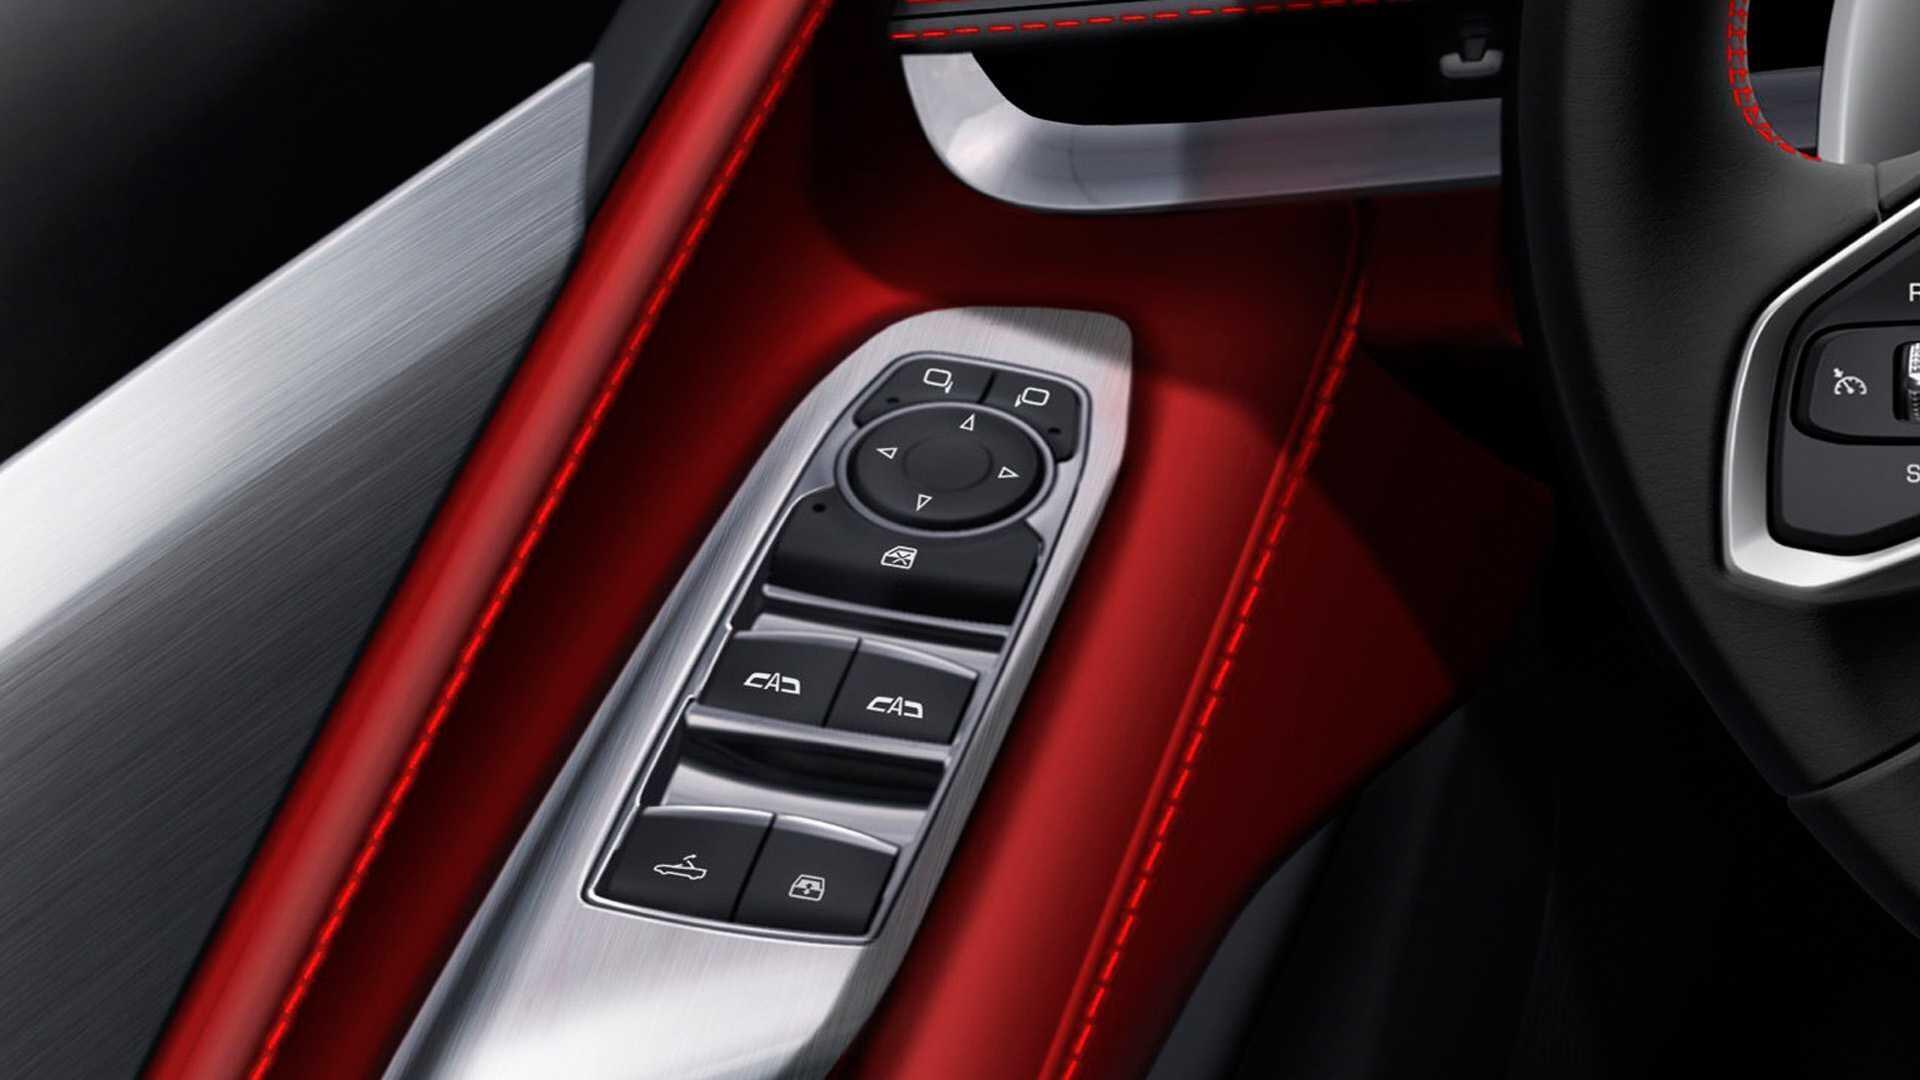 https://cdn.dailyxe.com.vn/image/chevrolet-corvette-2020-co-mot-so-tinh-nang-an-tuyet-voi-34-94535j2.jpg